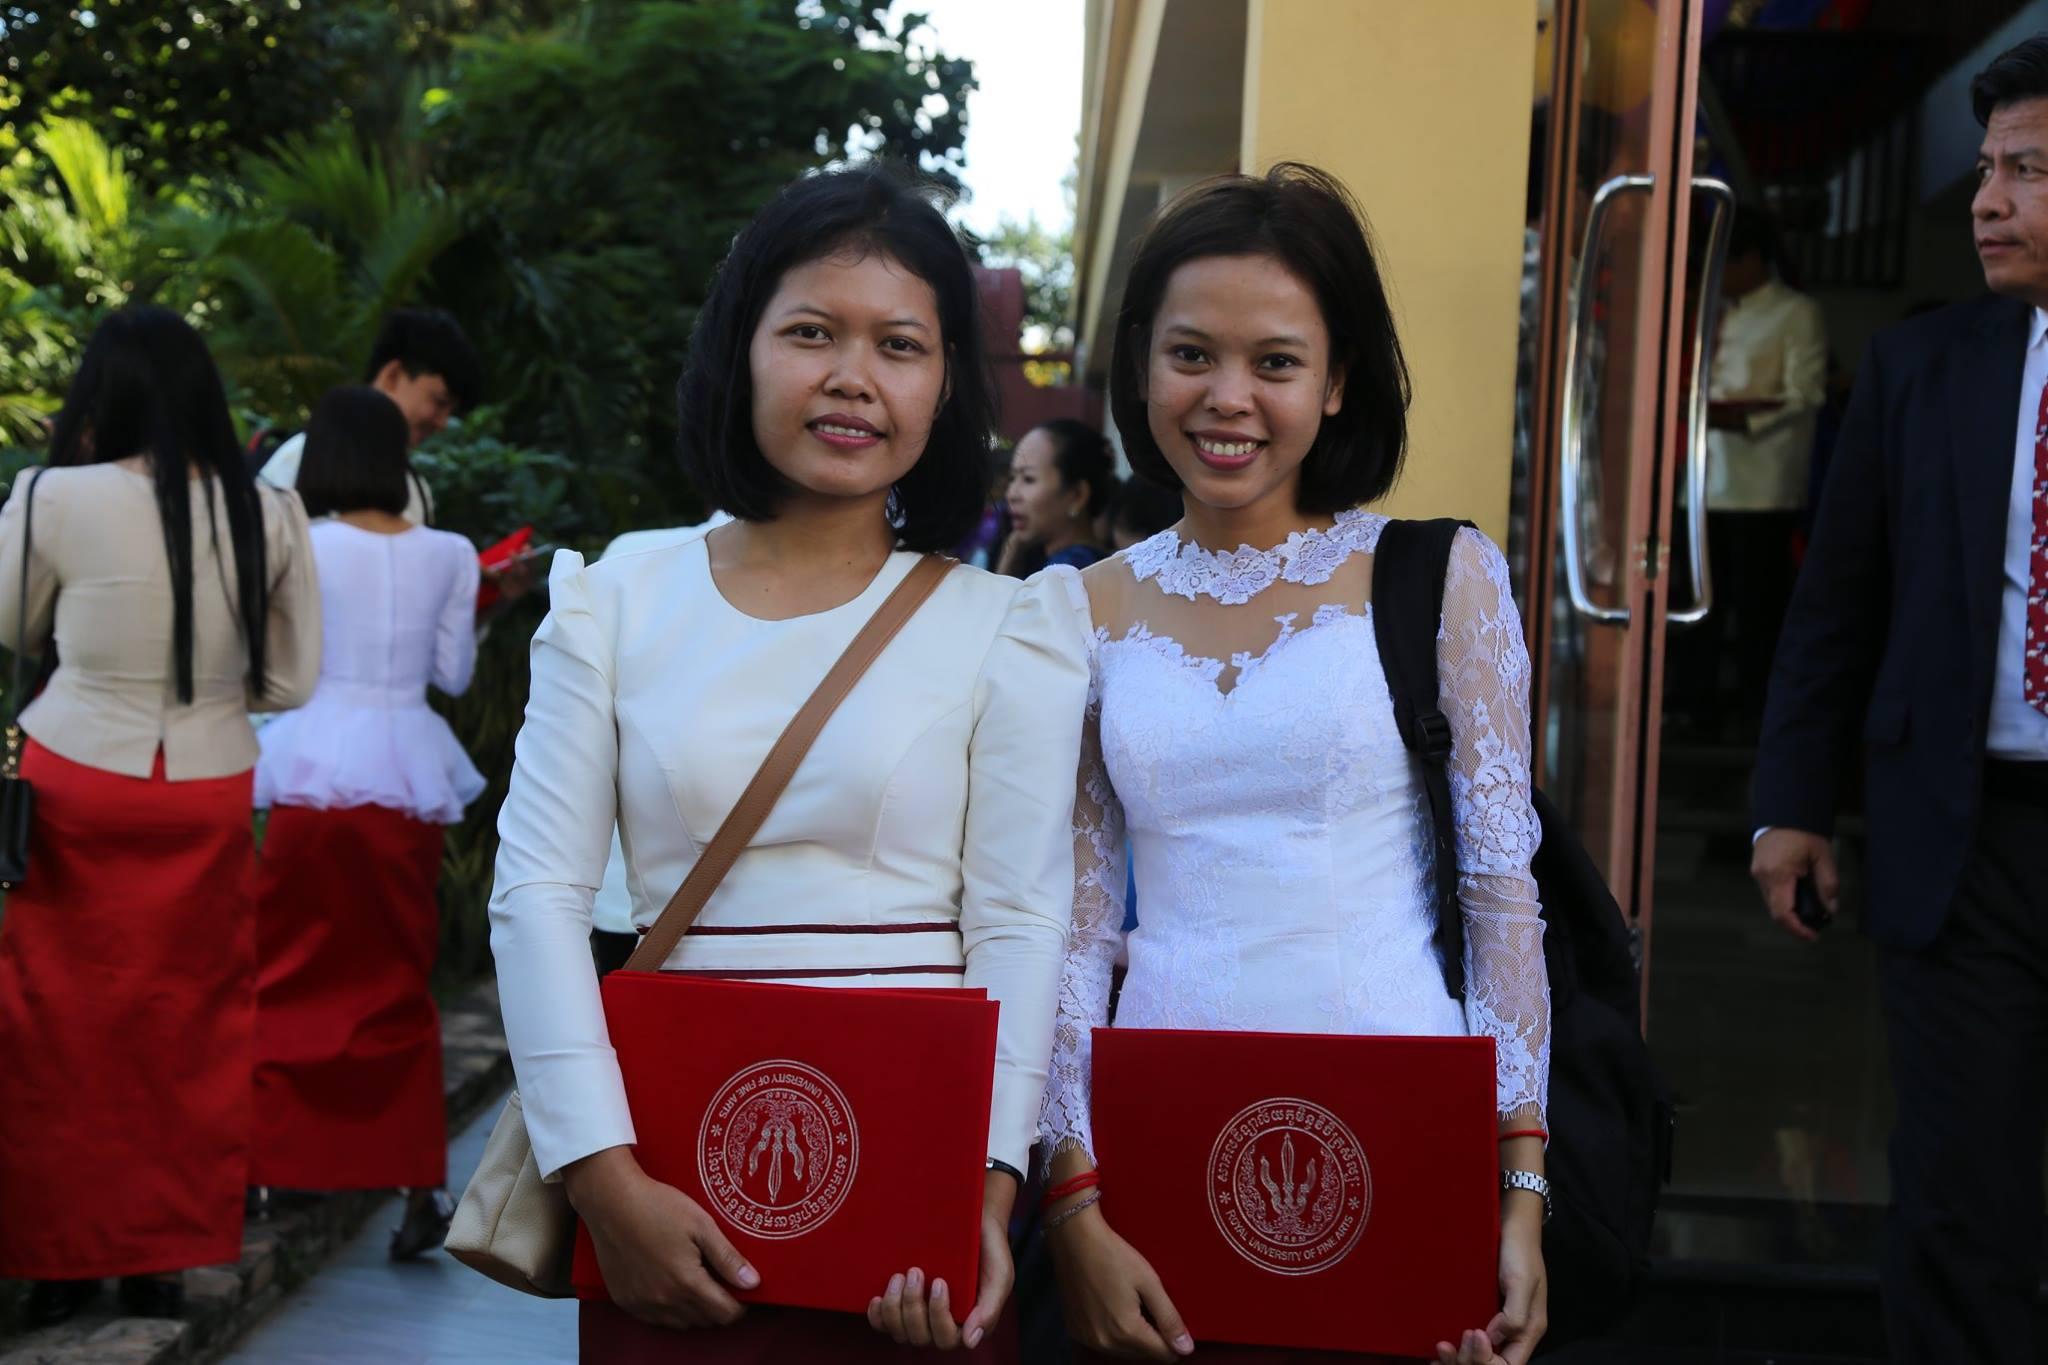 Diplômées de la Licence de l'Université des Moussons 2018